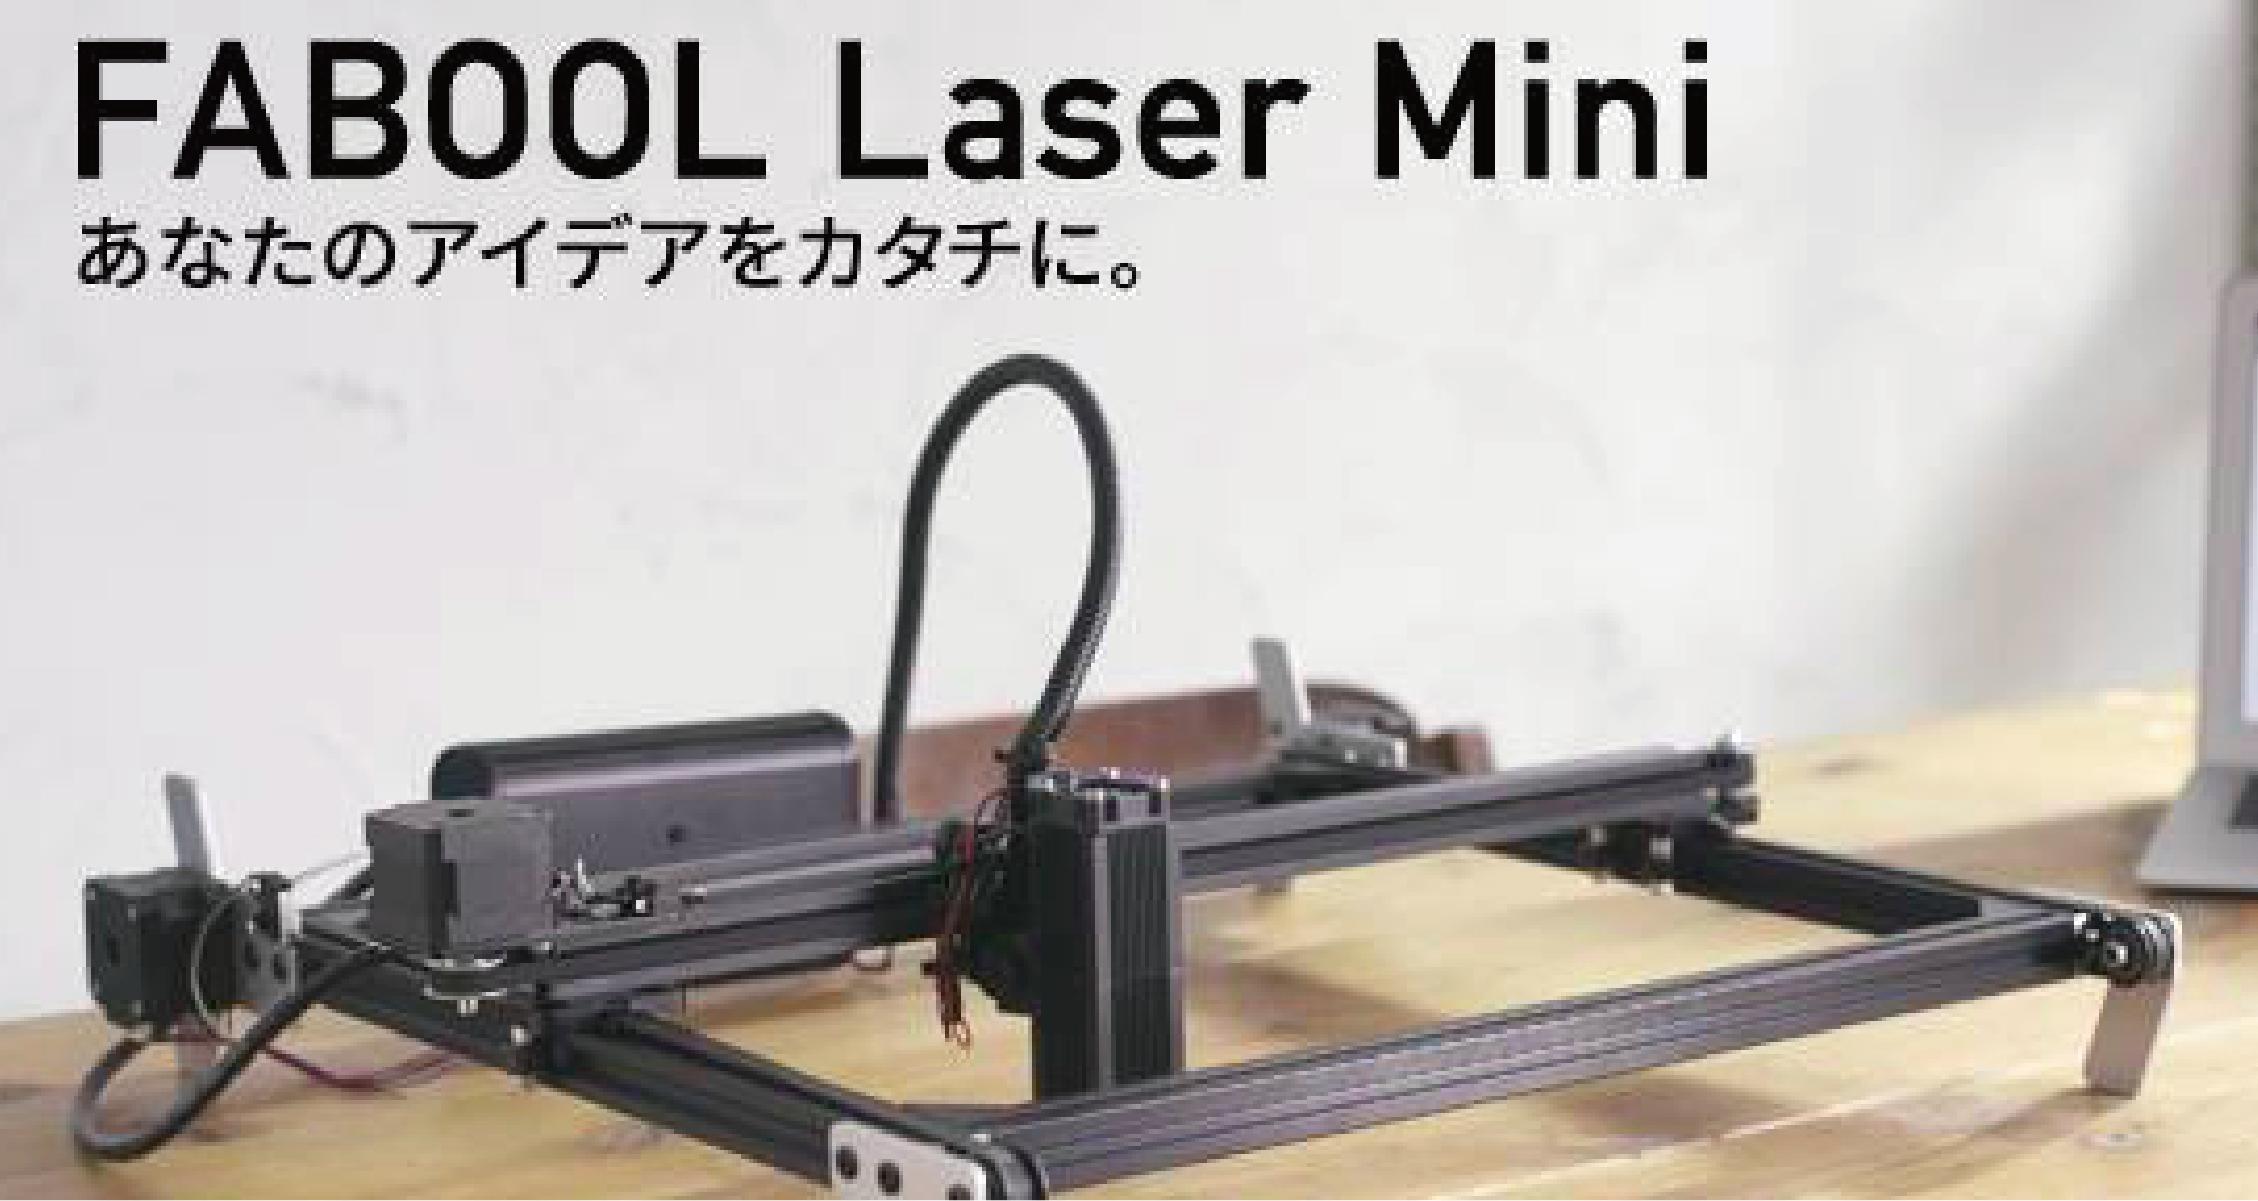 モノづくりが、変わる。5万円台のレーザー加工機 FABOOL